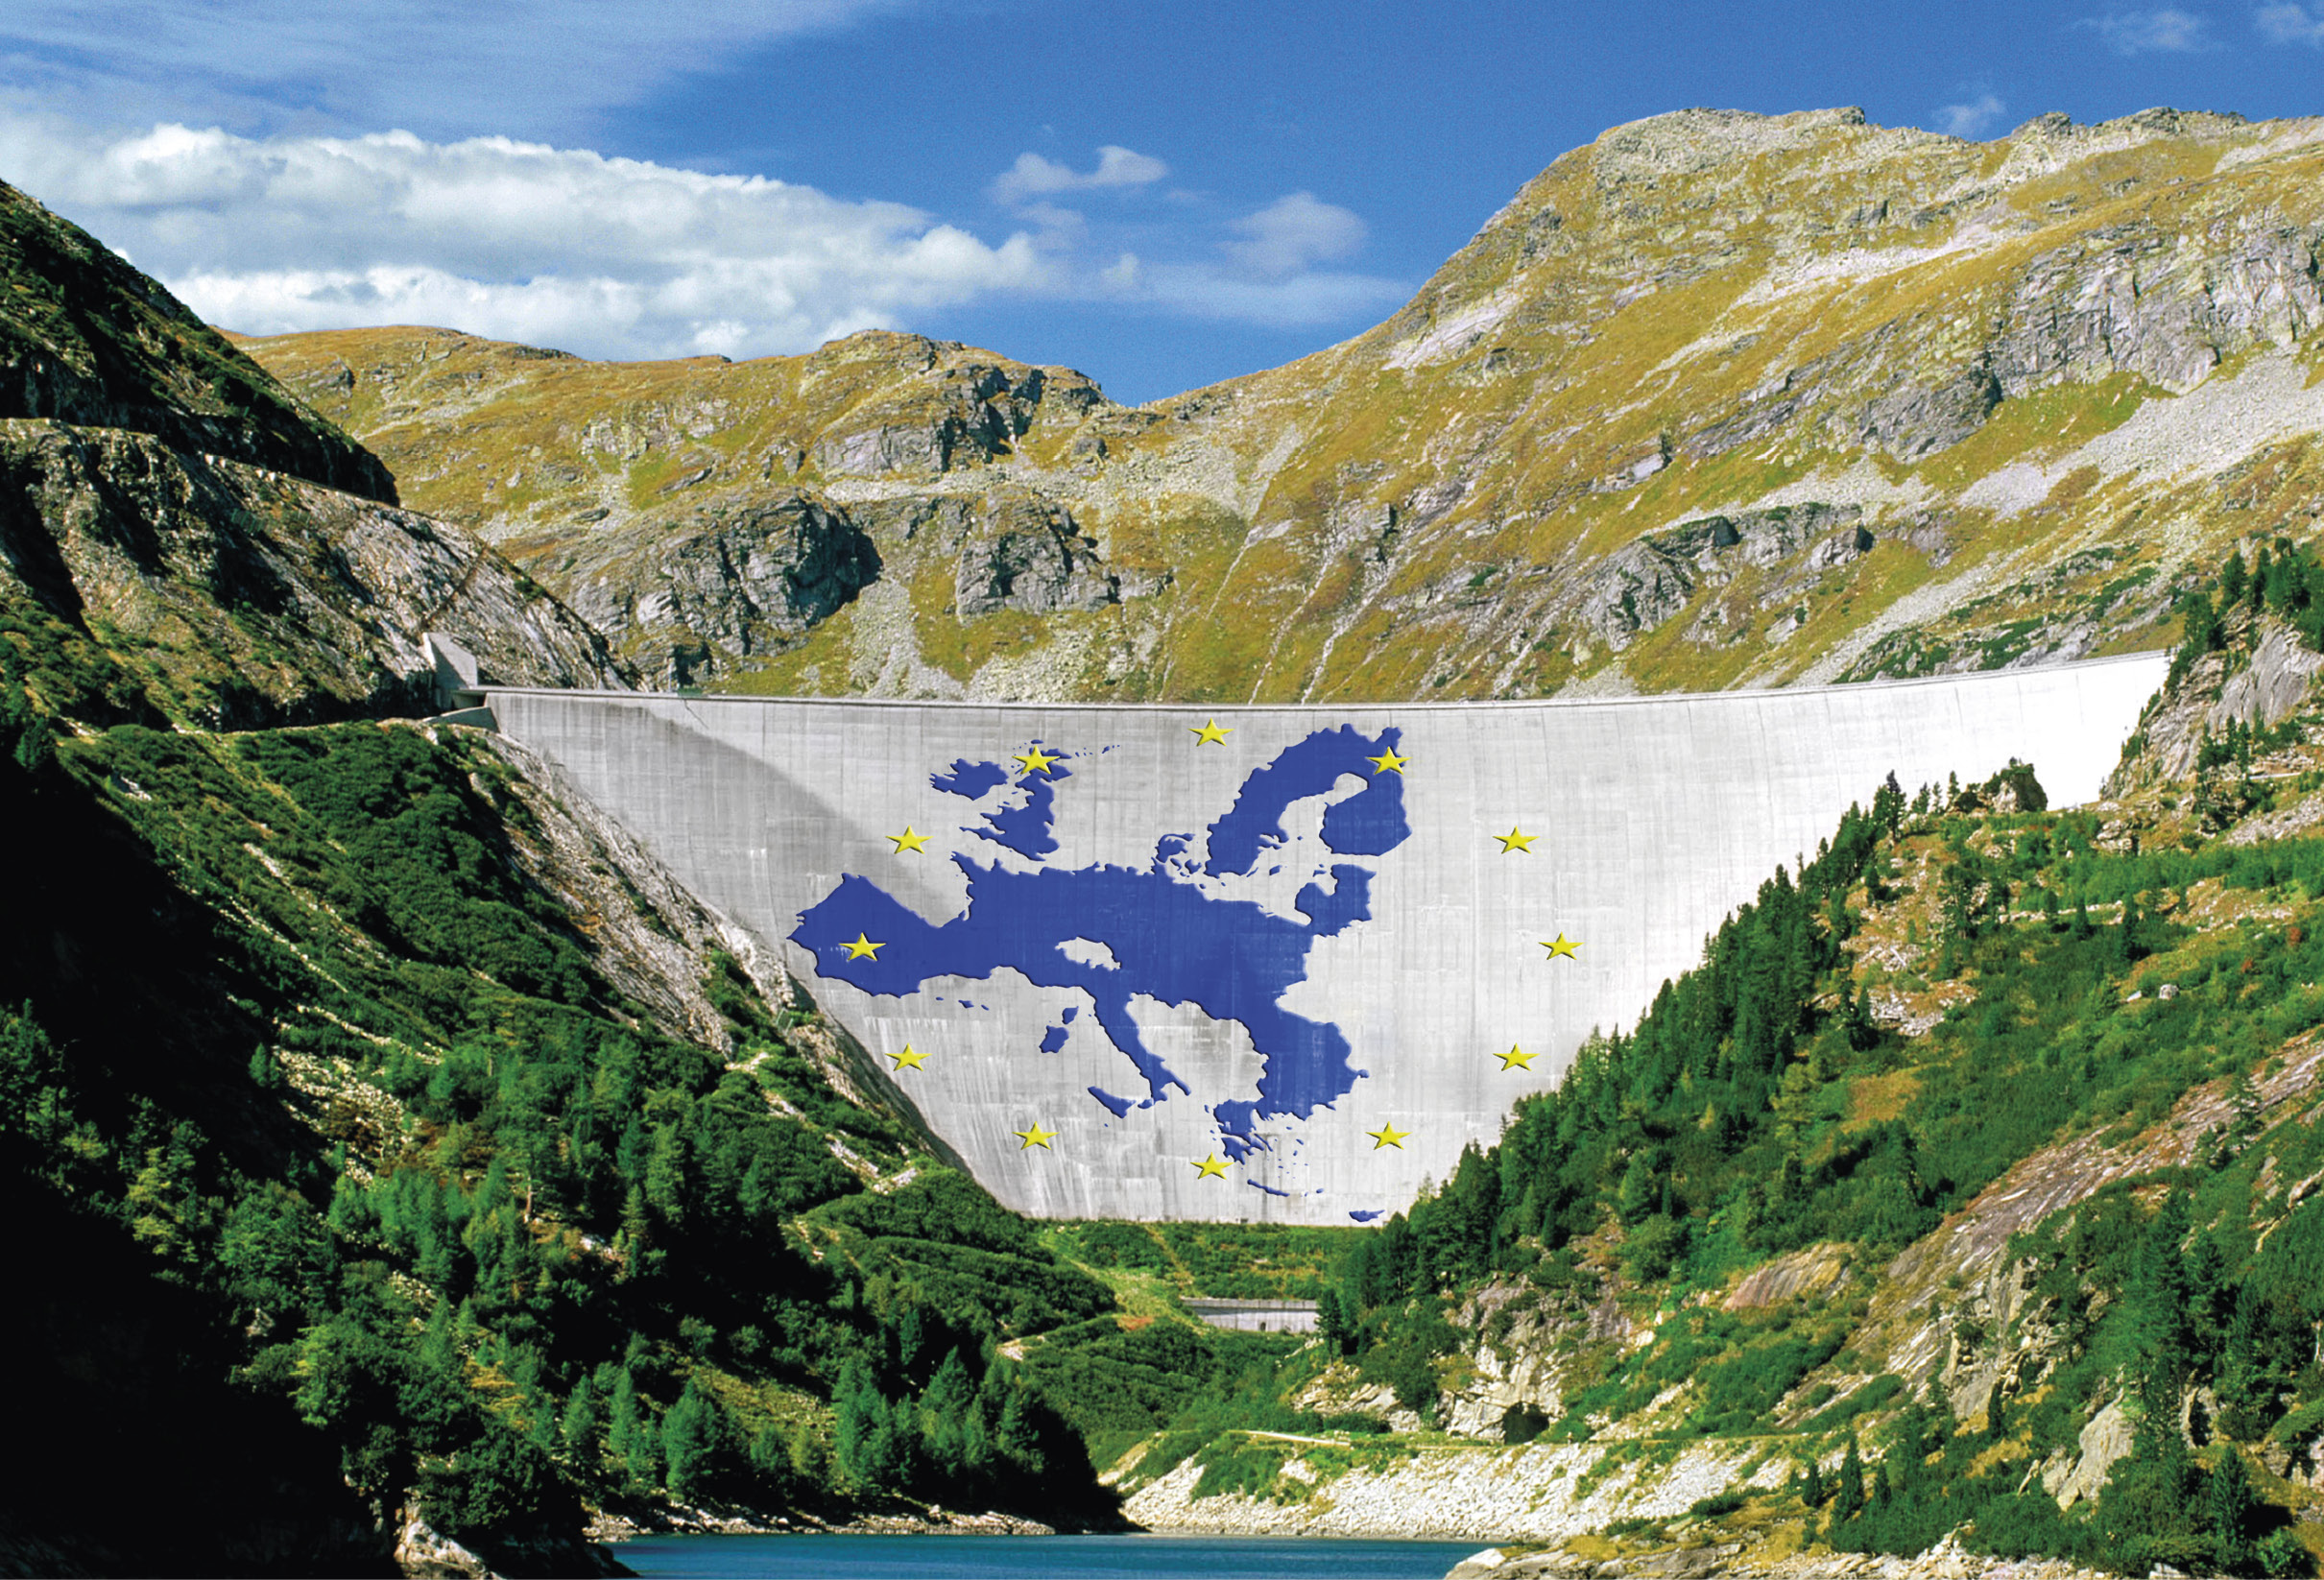 Mapa da Europa pintado em barragem simbolizando que a água é de todos.